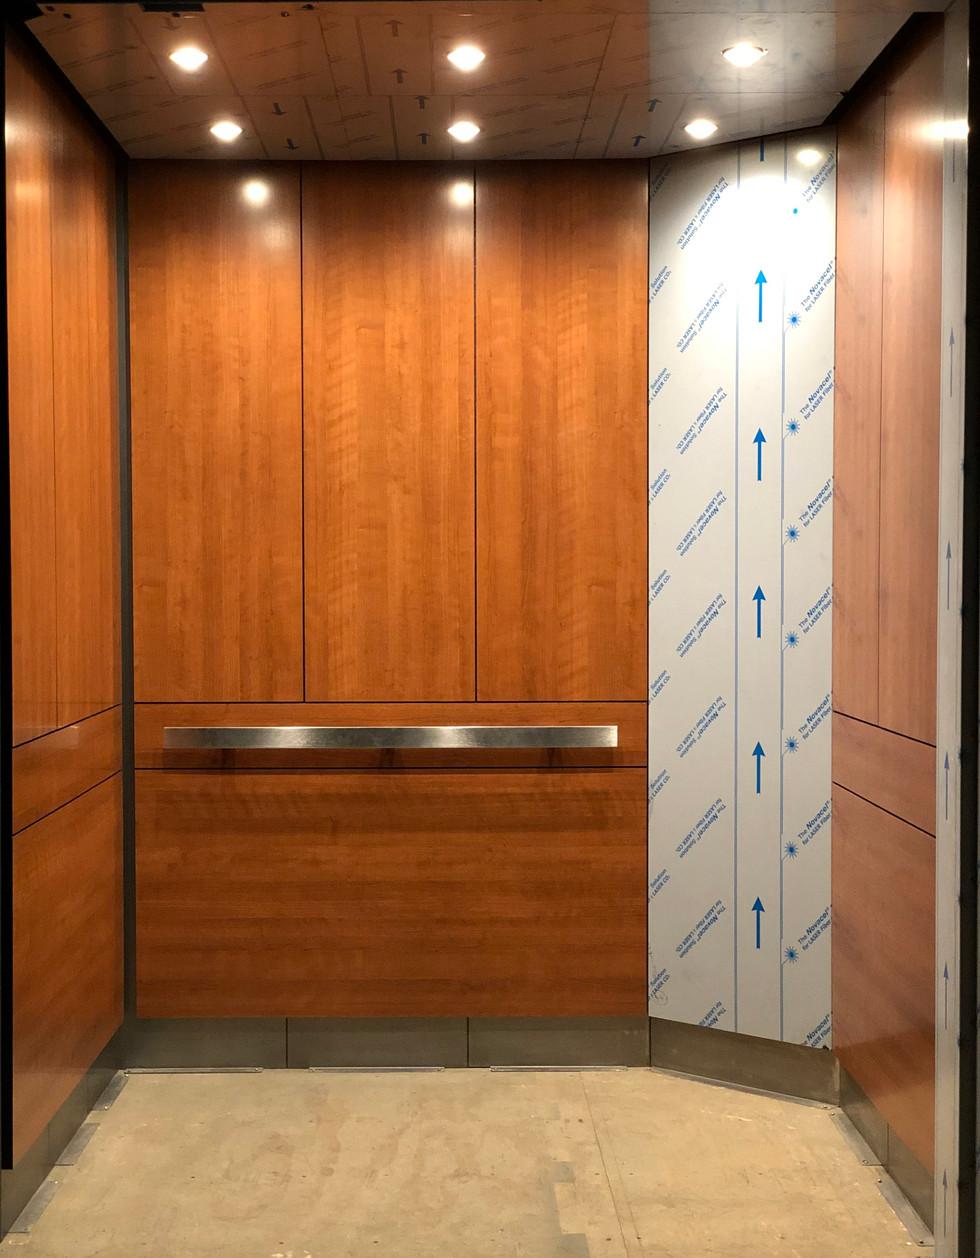 327 Rockford - Elevator Interior